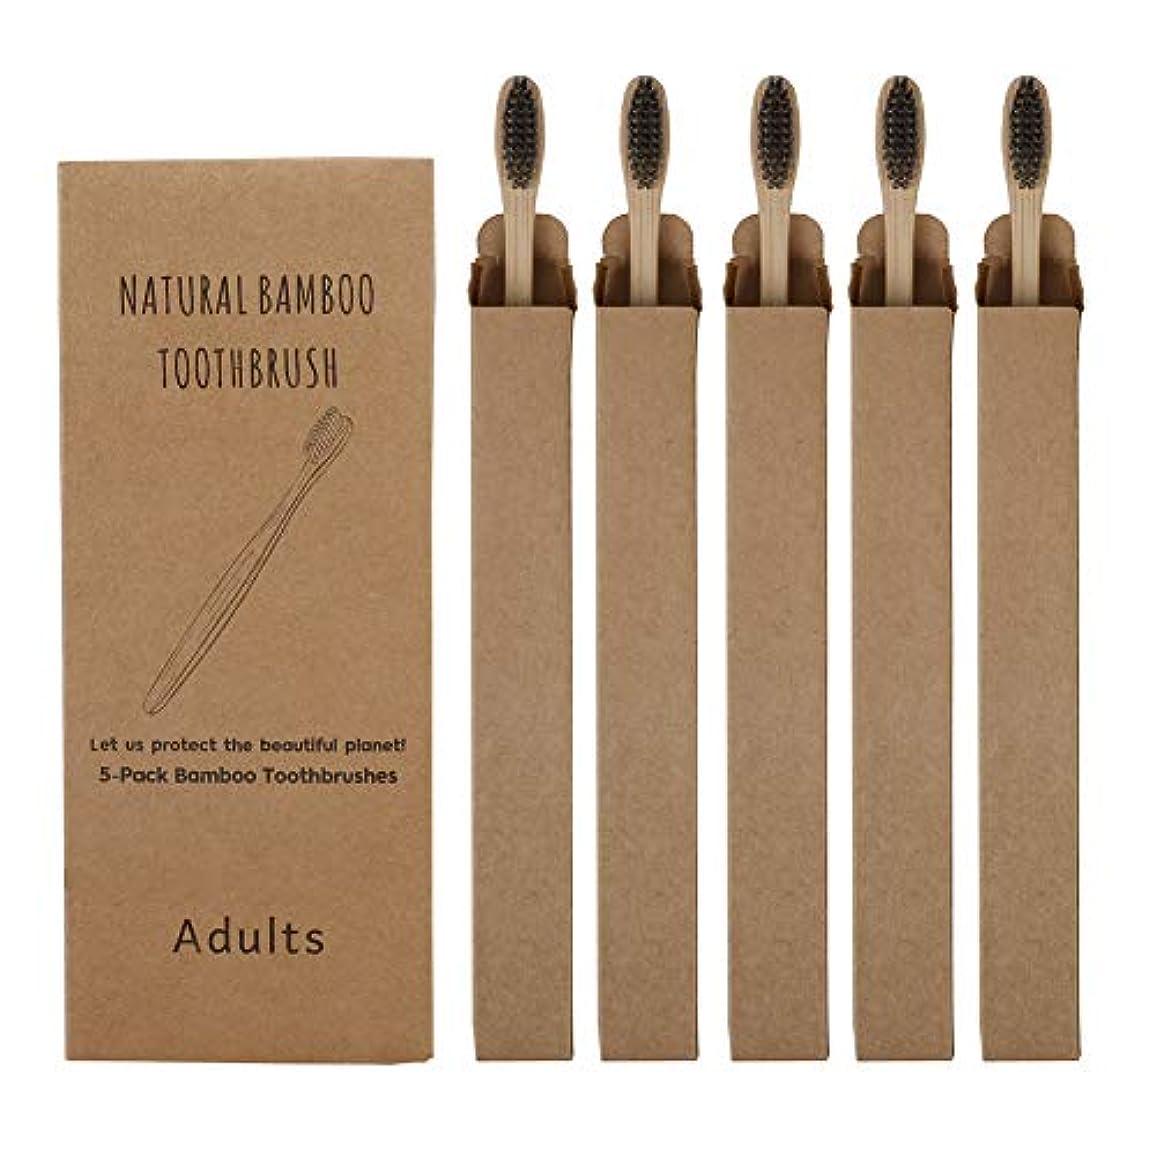 発明ショルダーレールPannow 5pcs 大人用竹の歯ブラシ 天然竹歯ブラシ 環境保護 柔らかい 活性炭を注入 歯ブラシ 口腔ケア 家族パック